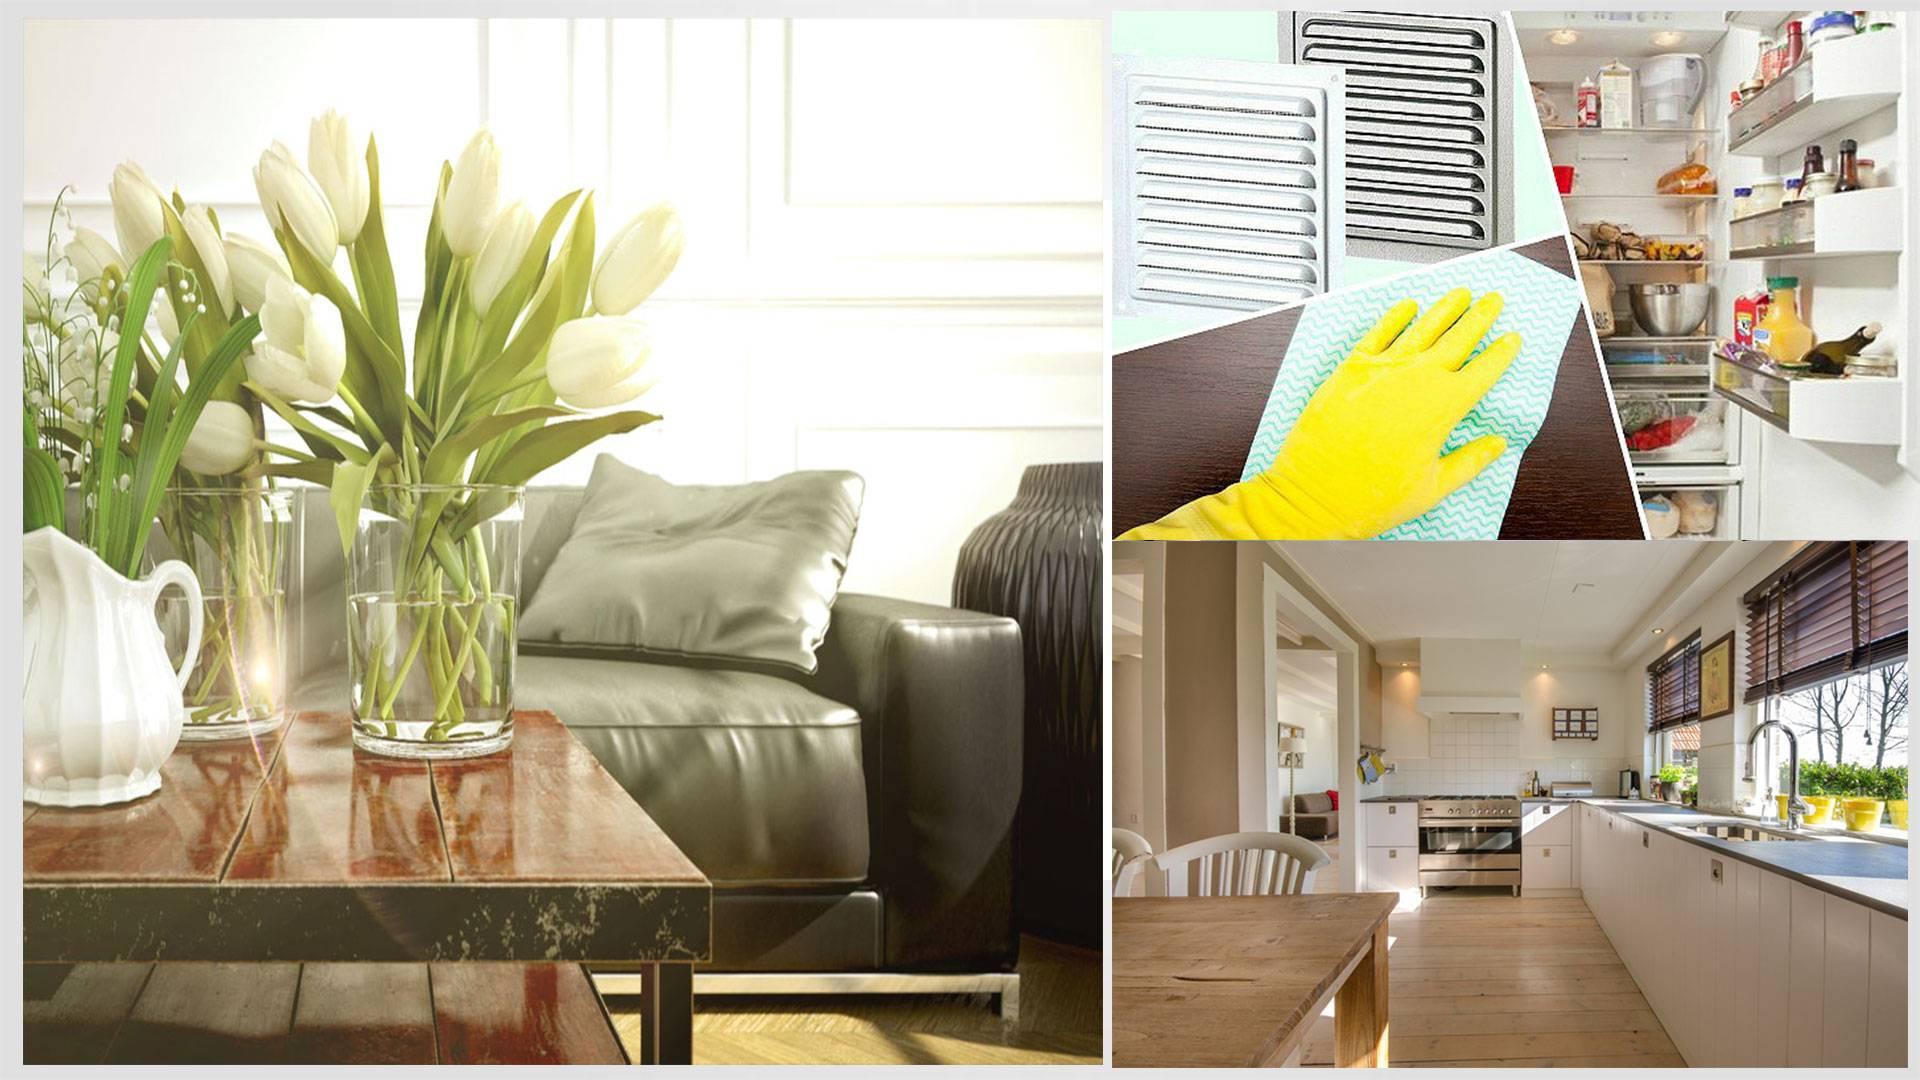 Избавление квартиры от неприятных запахов: как убрать затхлый запах, средства